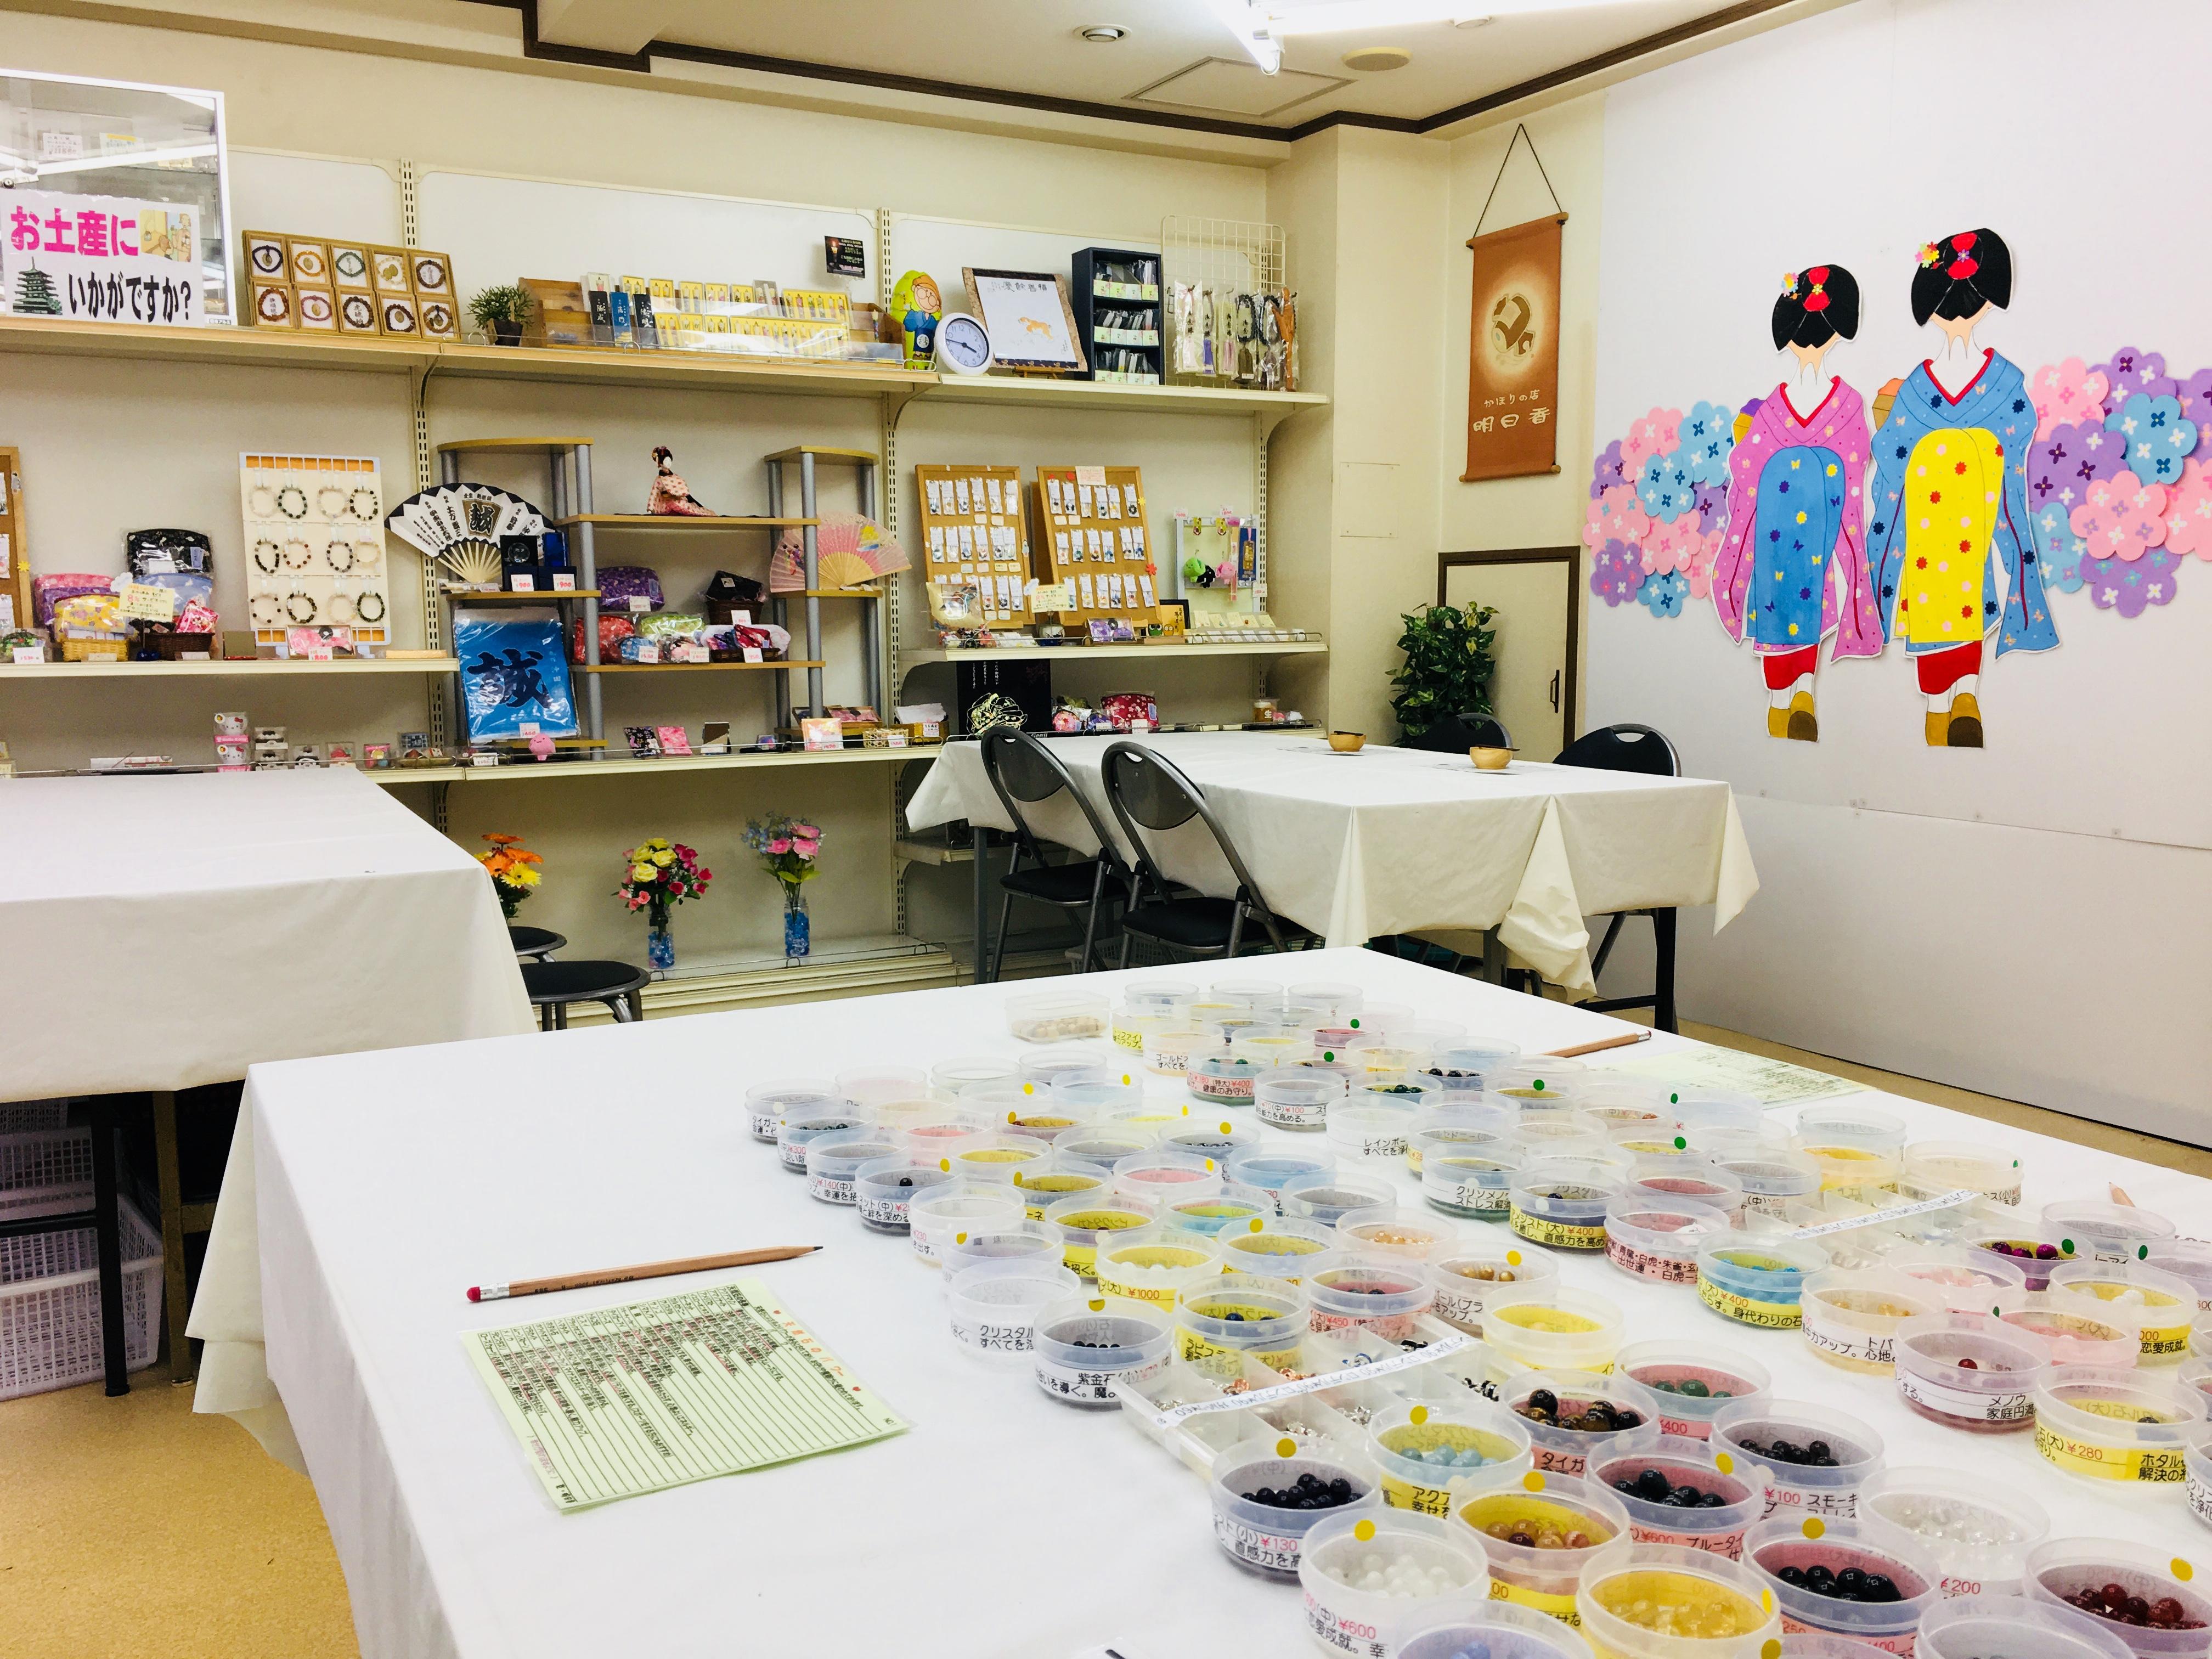 【京都市・匂い袋作り】古くから親しまれてきた匂い袋を手作りしよう